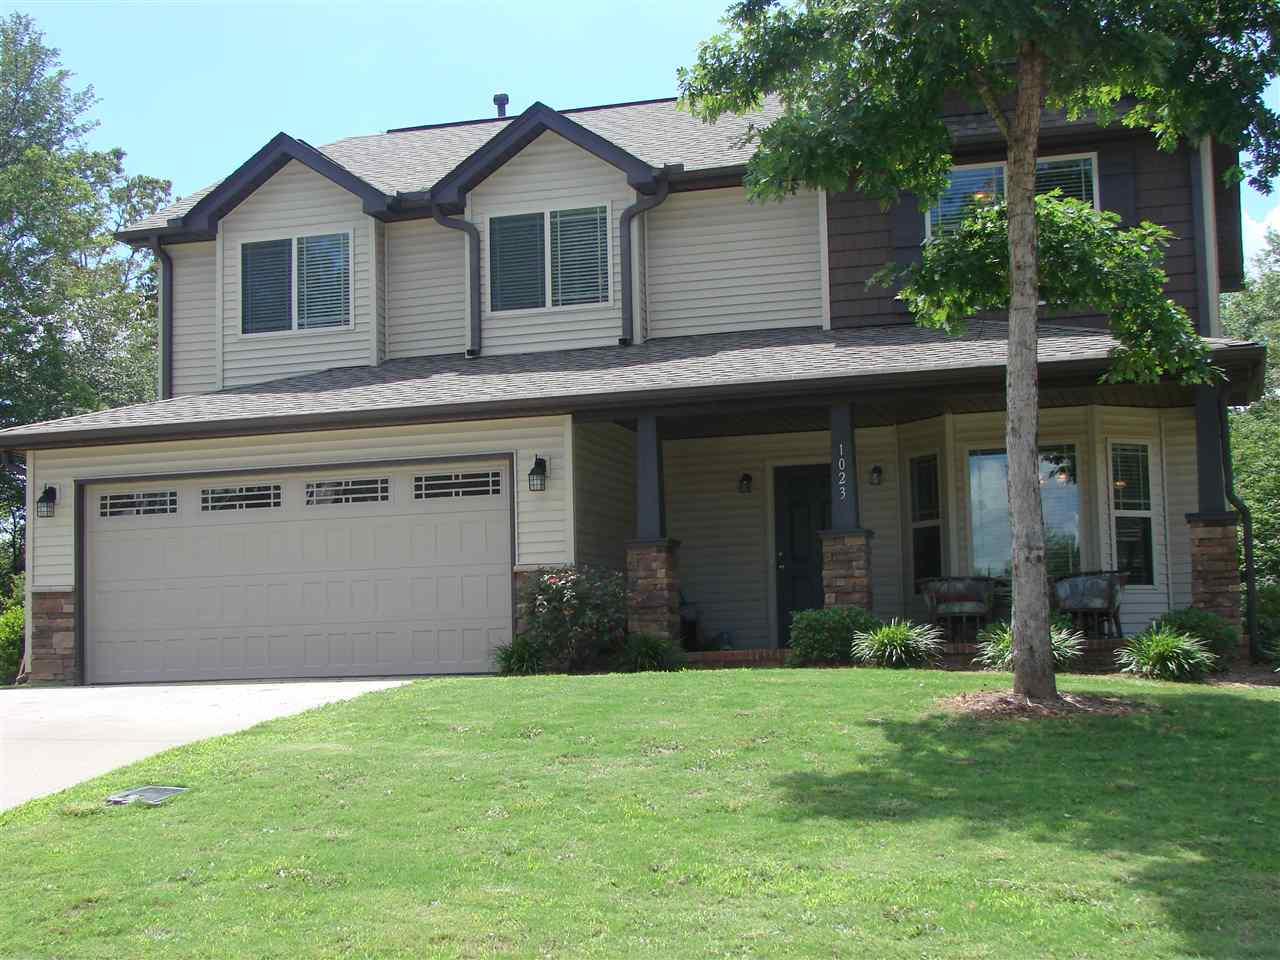 Real Estate for Sale, ListingId: 33833279, Easley,SC29642